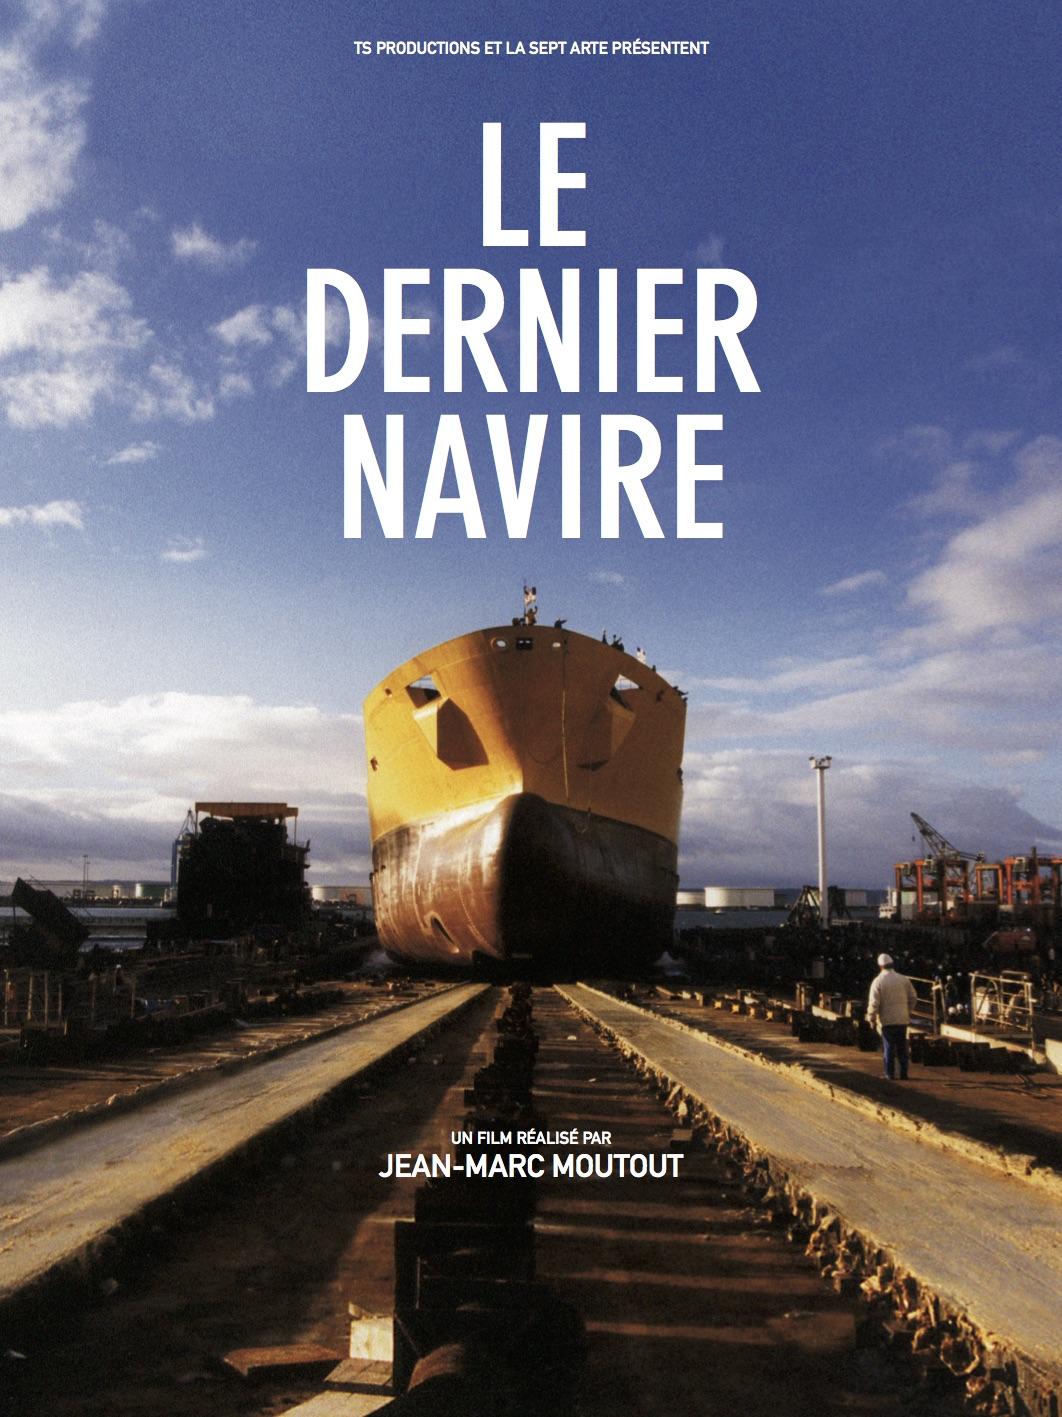 LE DERNIER NAVIRE - Jean-Marc Moutout